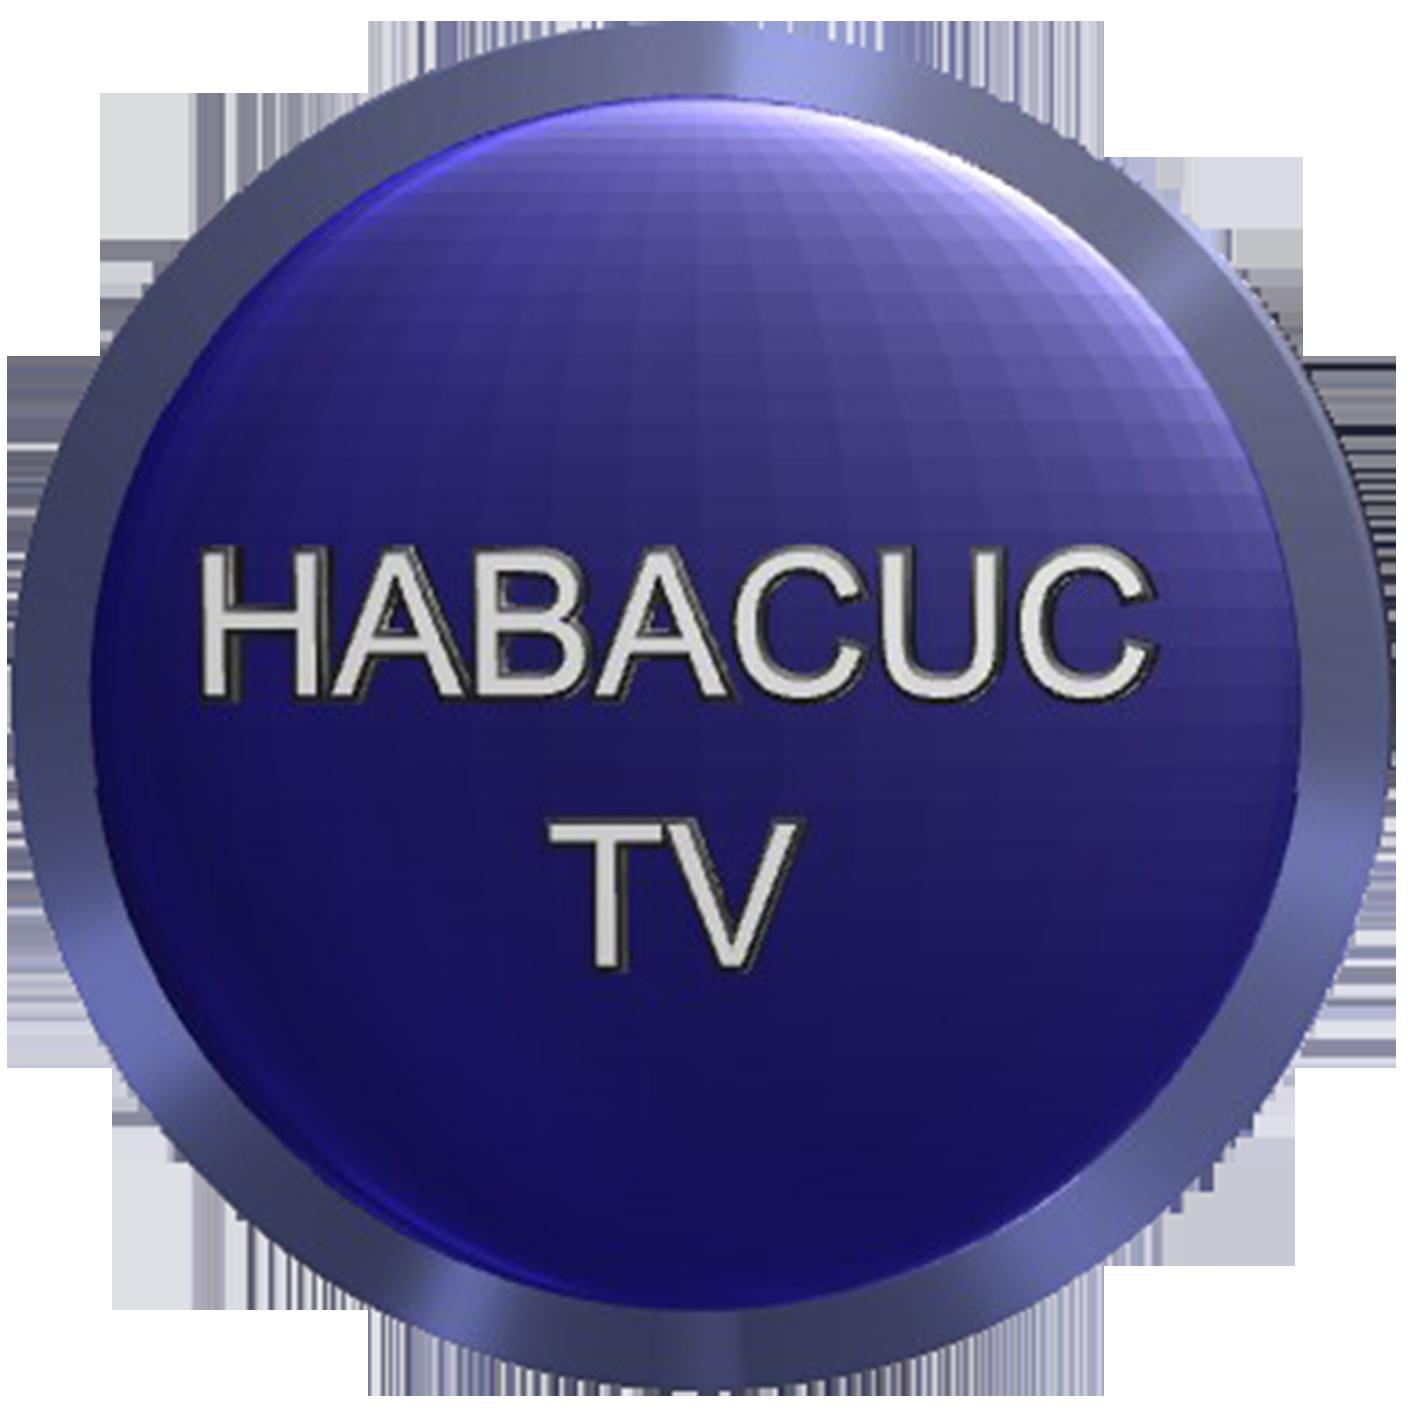 HABACUC TV